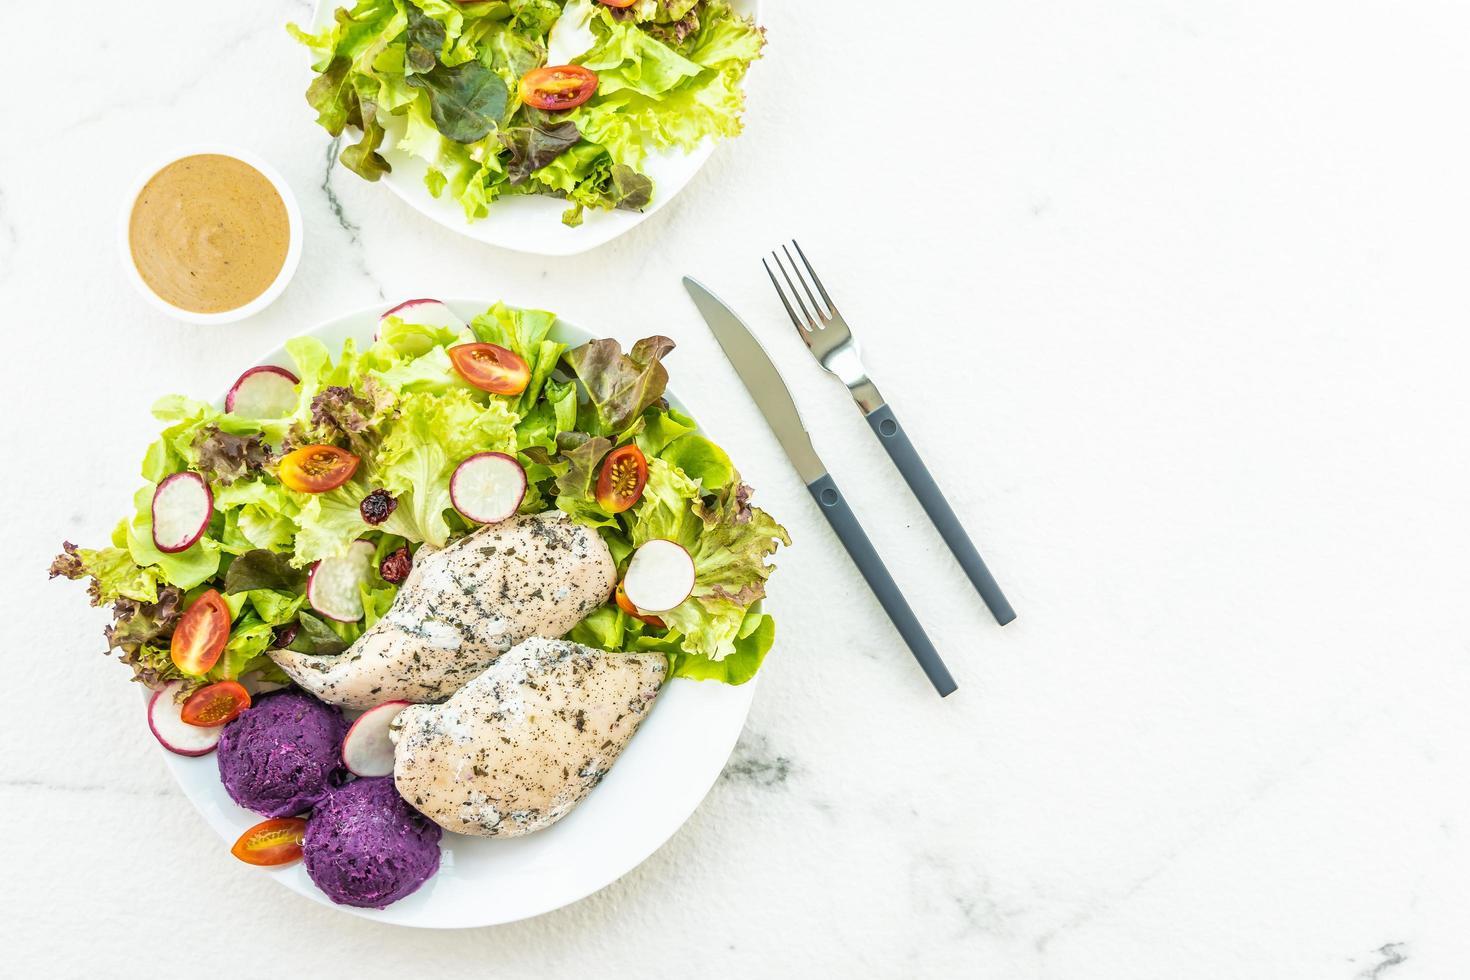 steak de poitrine de poulet grillé aux légumes frais photo